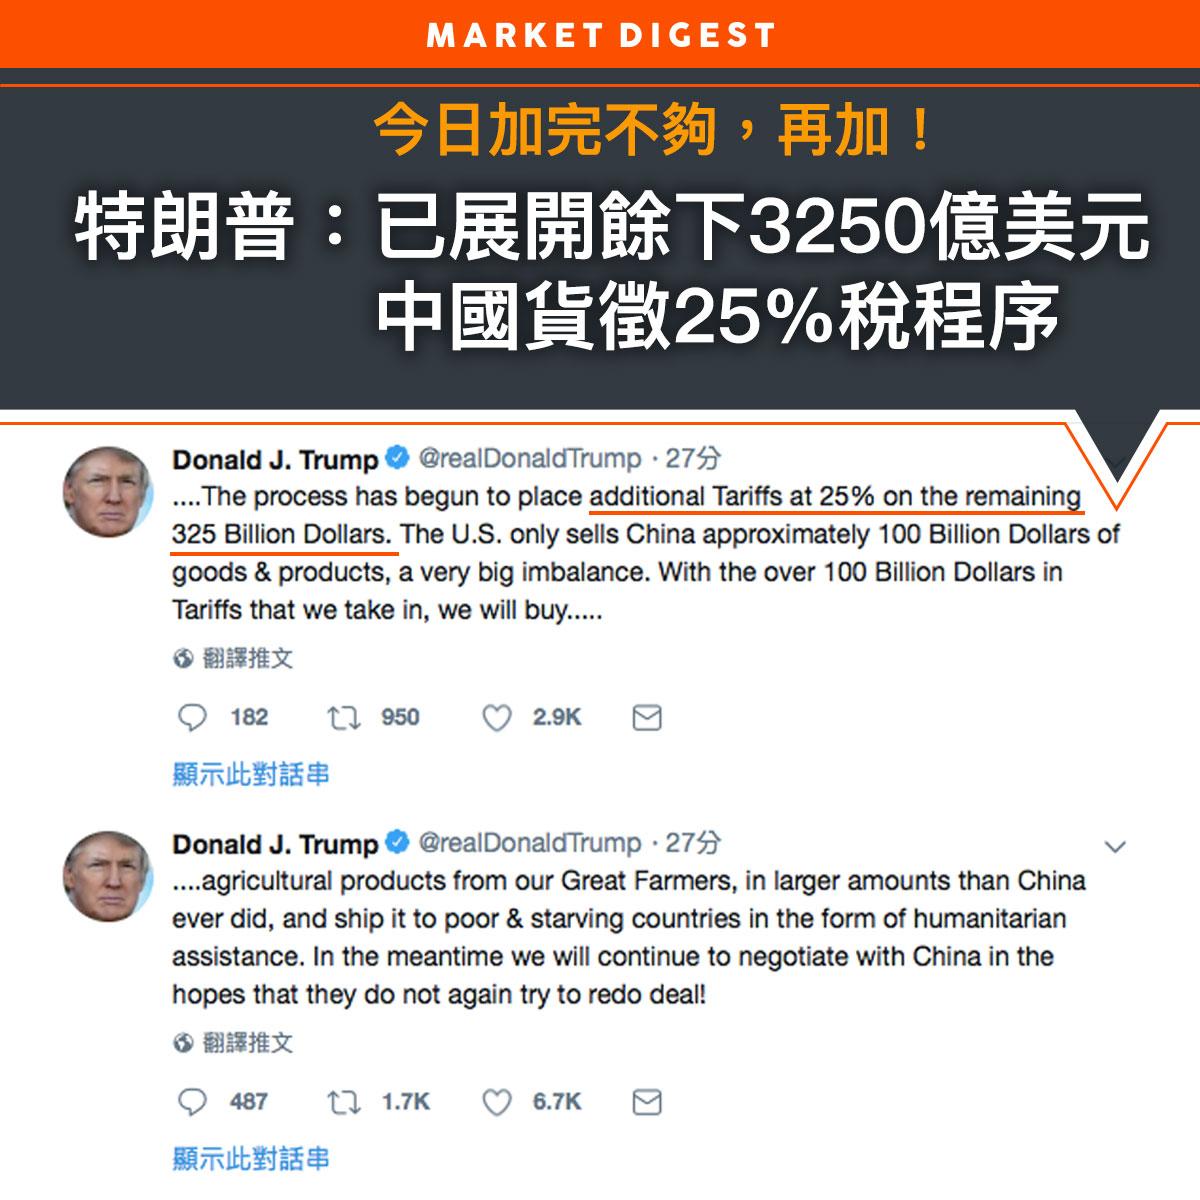 特朗普:已展開餘下3250億美元中國貨徵25%稅程序